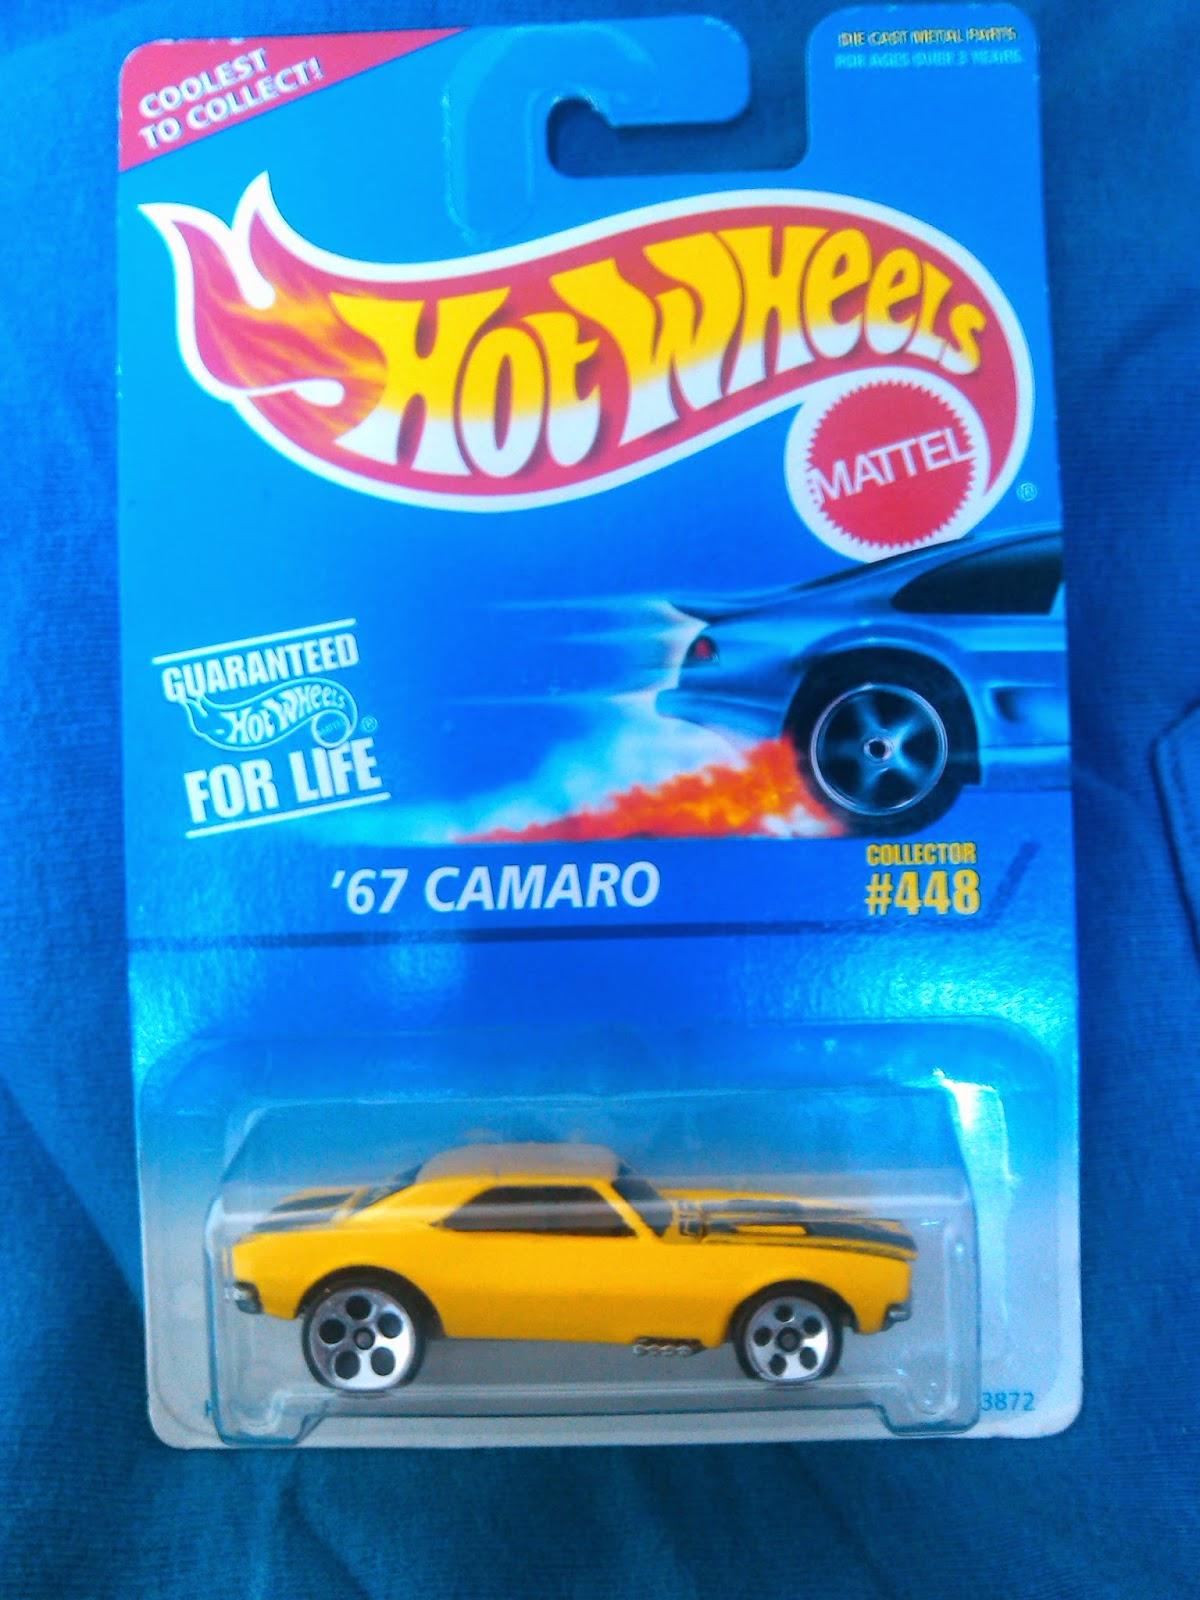 Colección Chevrolet Camaro en Blister '67+Camaro+1997+Hot+Wheels+%23448+5DOT's